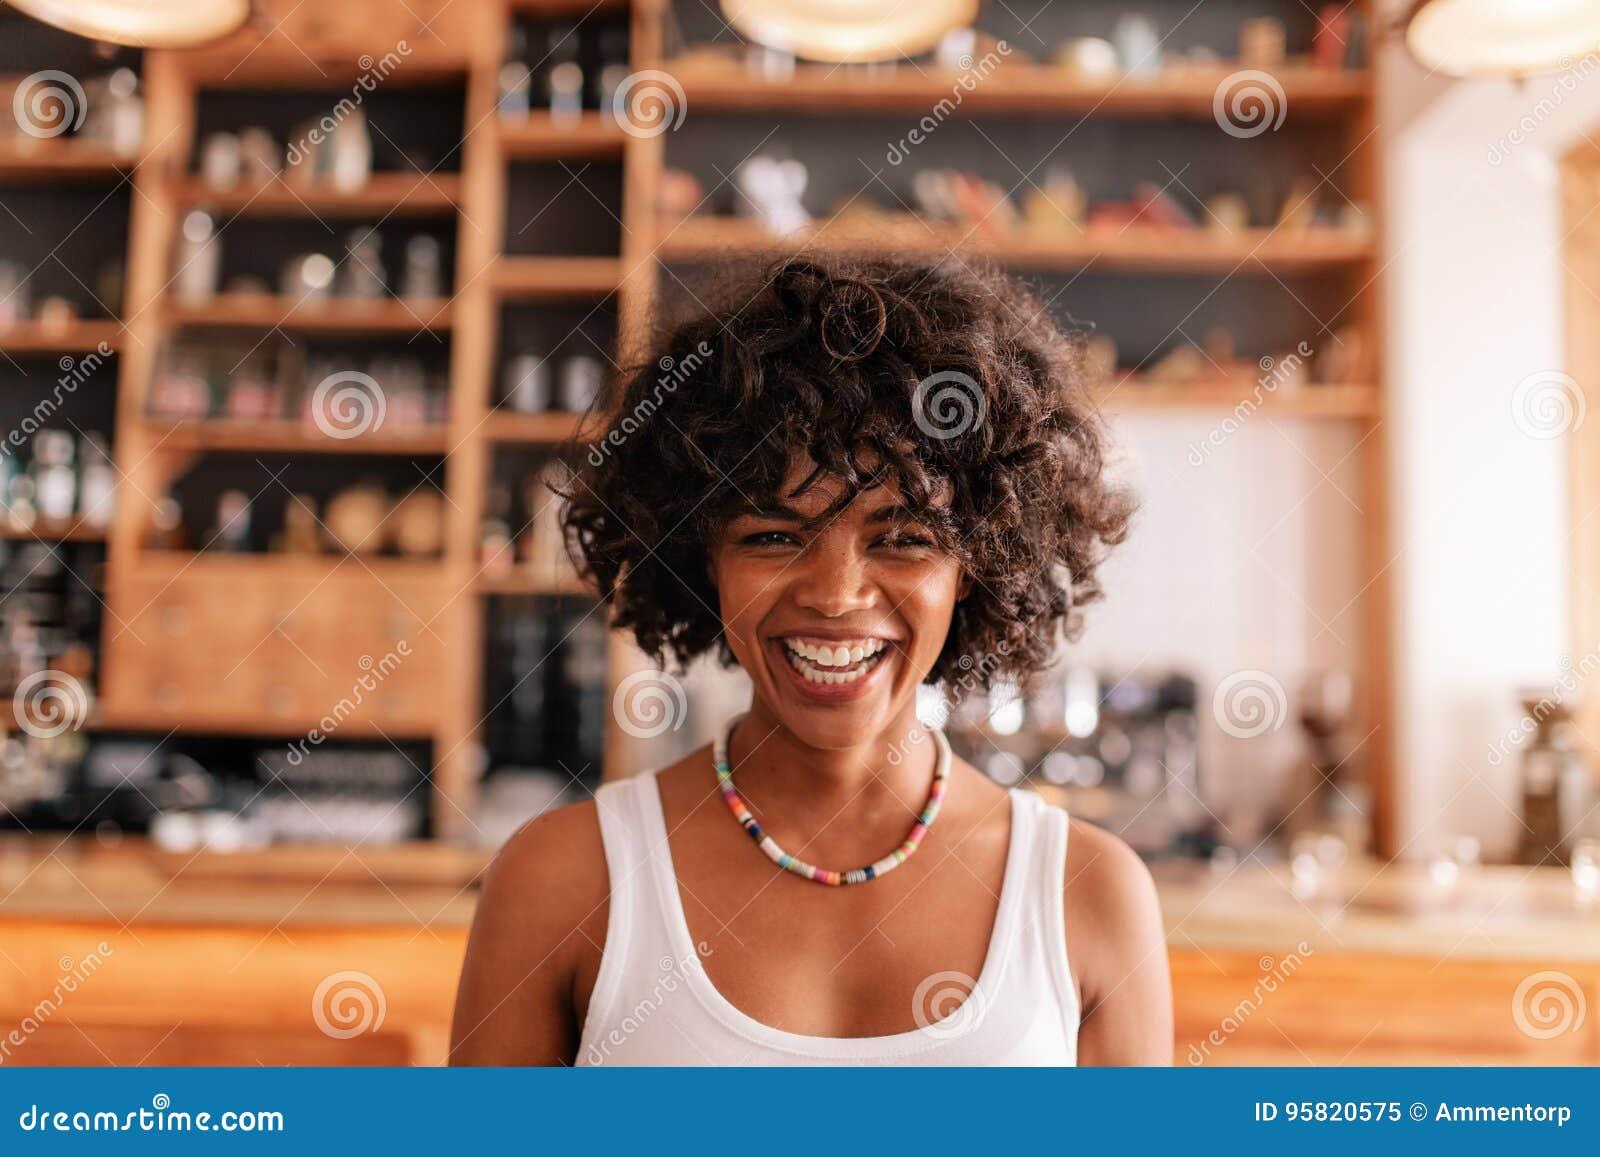 Jeune femme heureuse riant dans un café